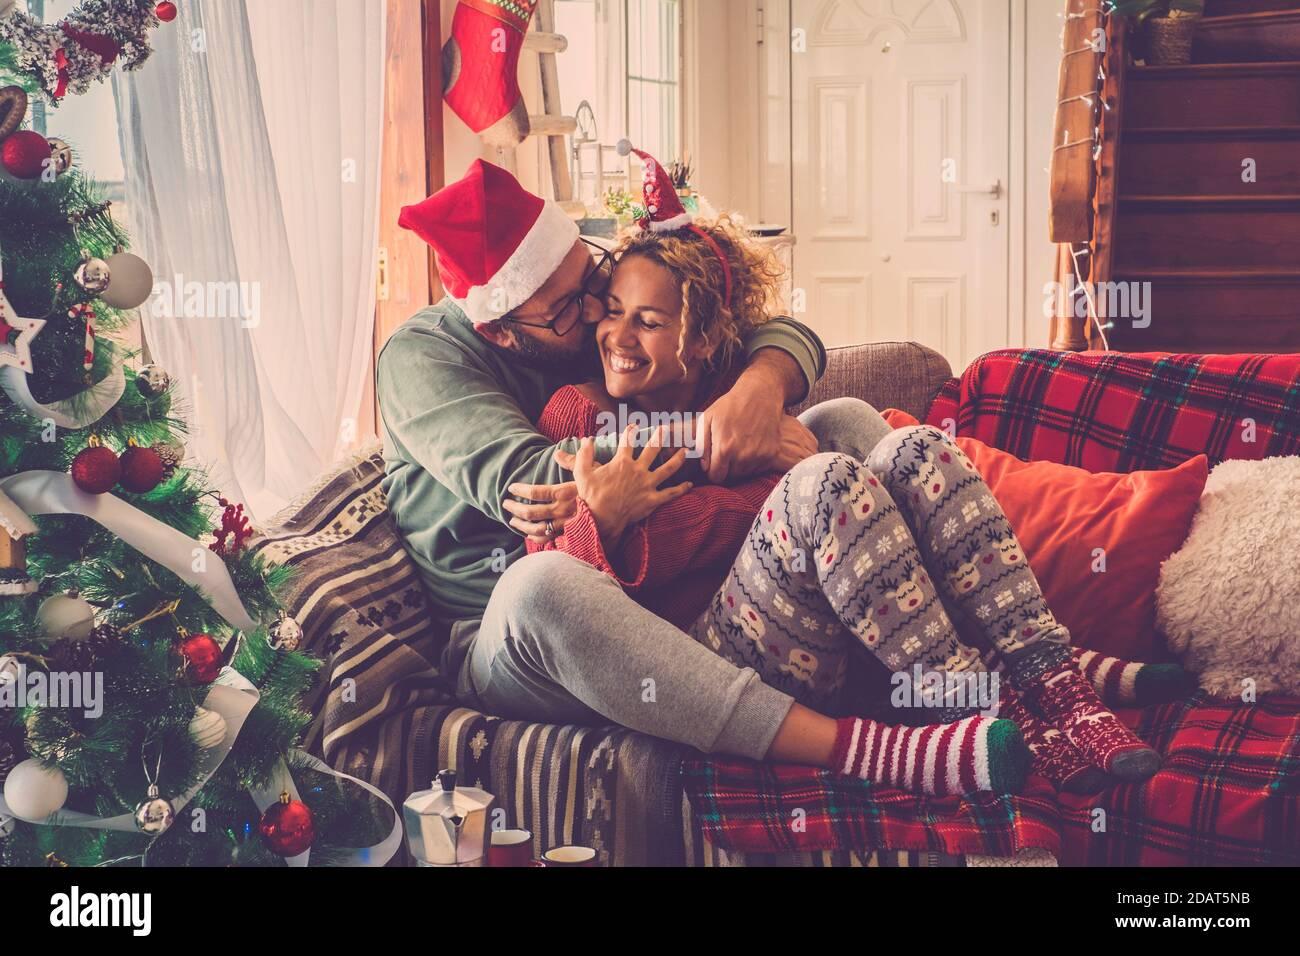 Couple amoureux appréciez et célébrez la veille de noël matin à maison embrassant et embrassant s'asseoir sur un coloré et canapé décoré à la maison - vin de vacances Banque D'Images